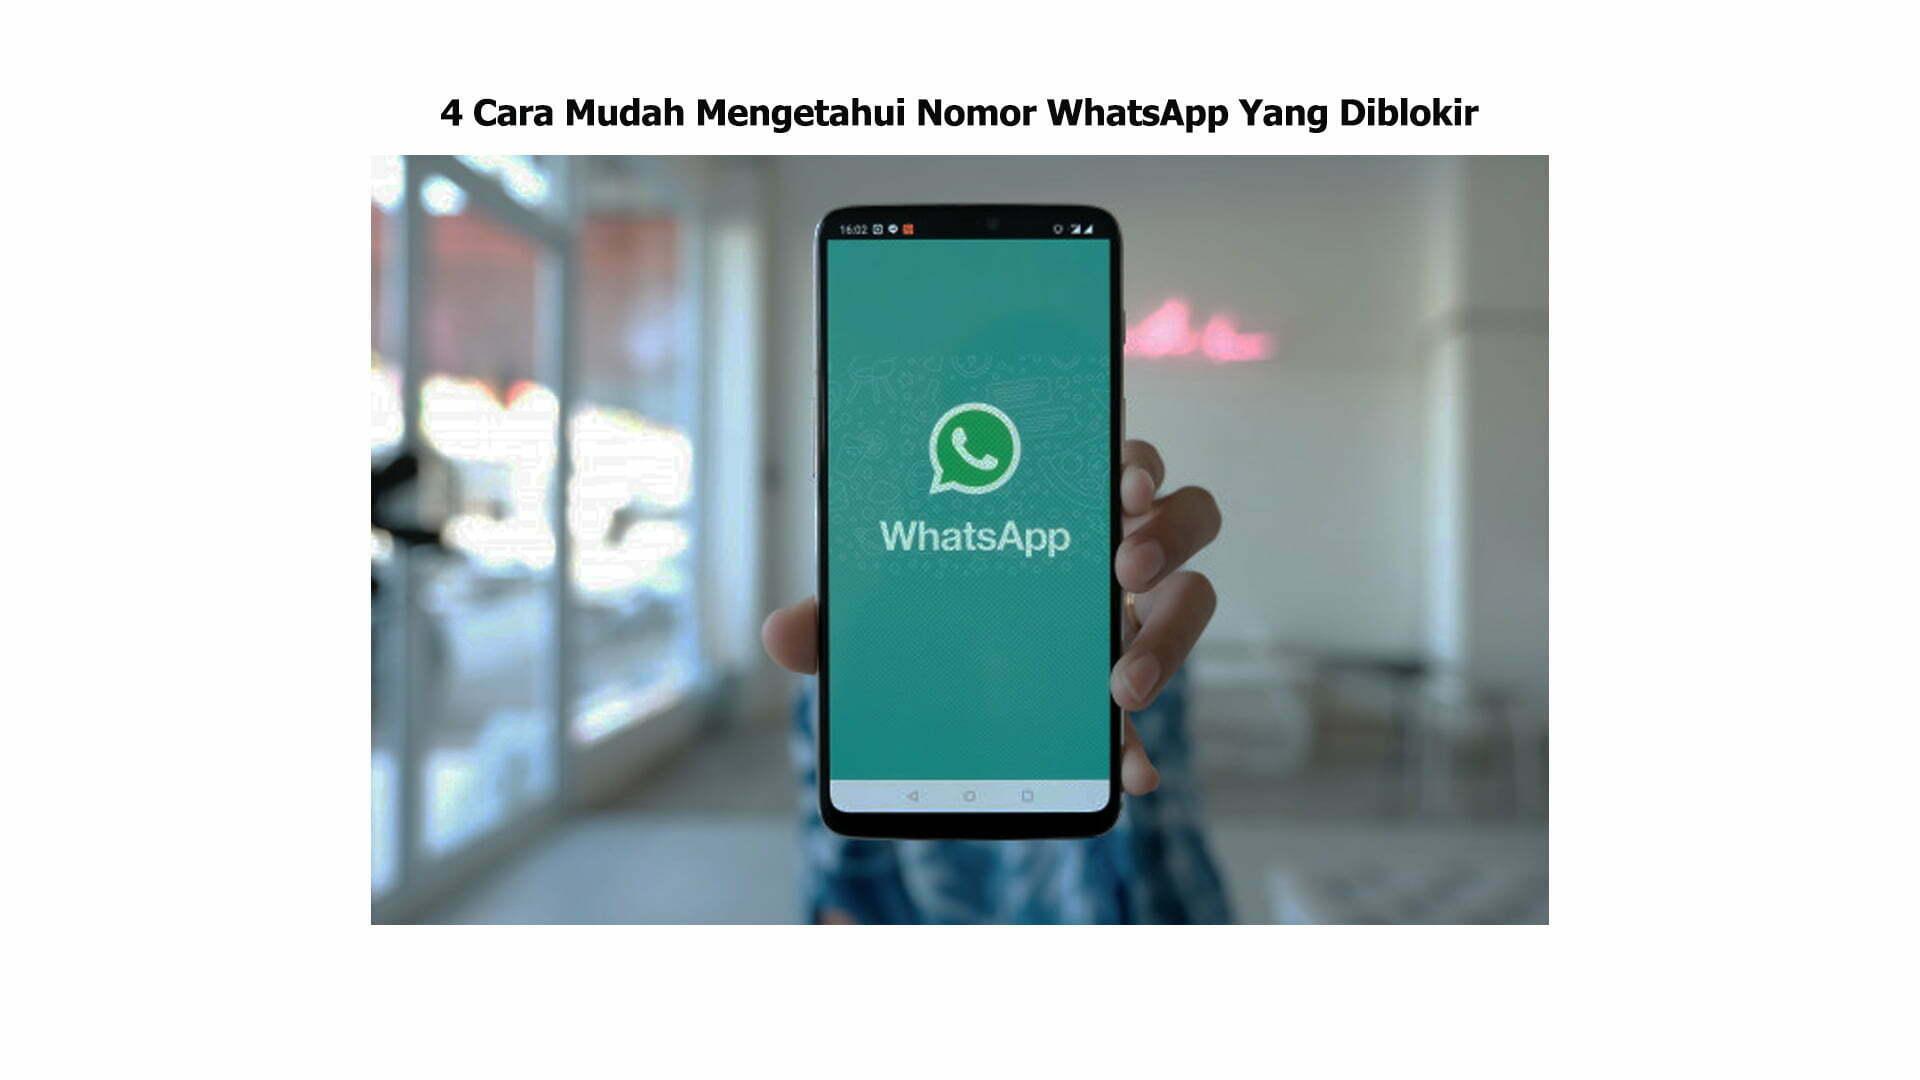 4 Cara Mudah Mengetahui Nomor Whatsapp Yang Diblokir Smart Power